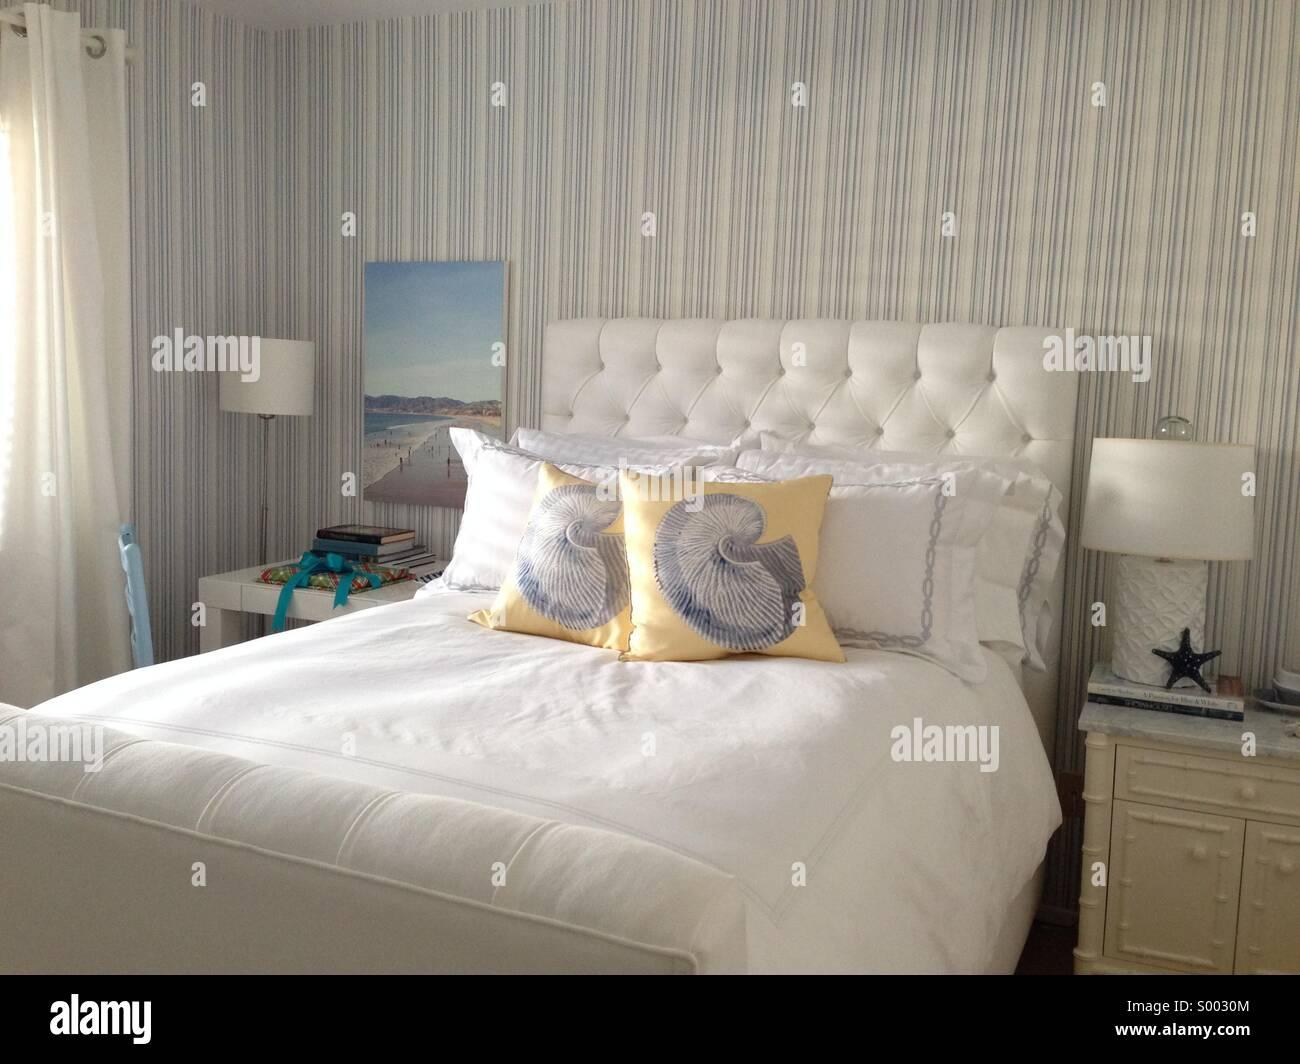 Dormitorio azul y blanco Imagen De Stock